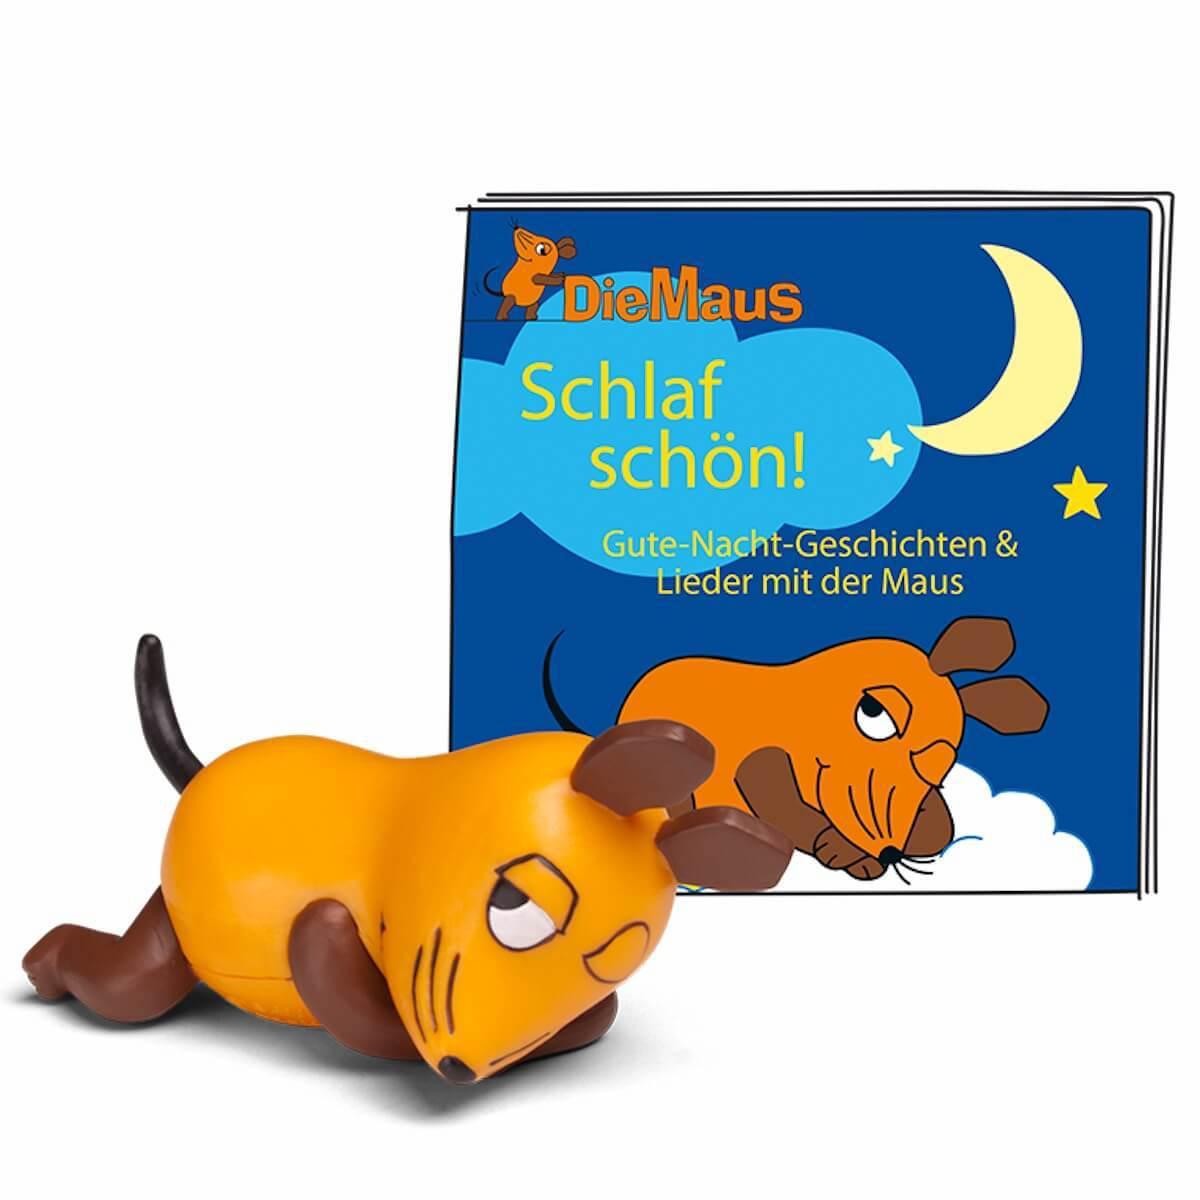 Hörspielfigur TONIES Die Maus Schlaf schön!